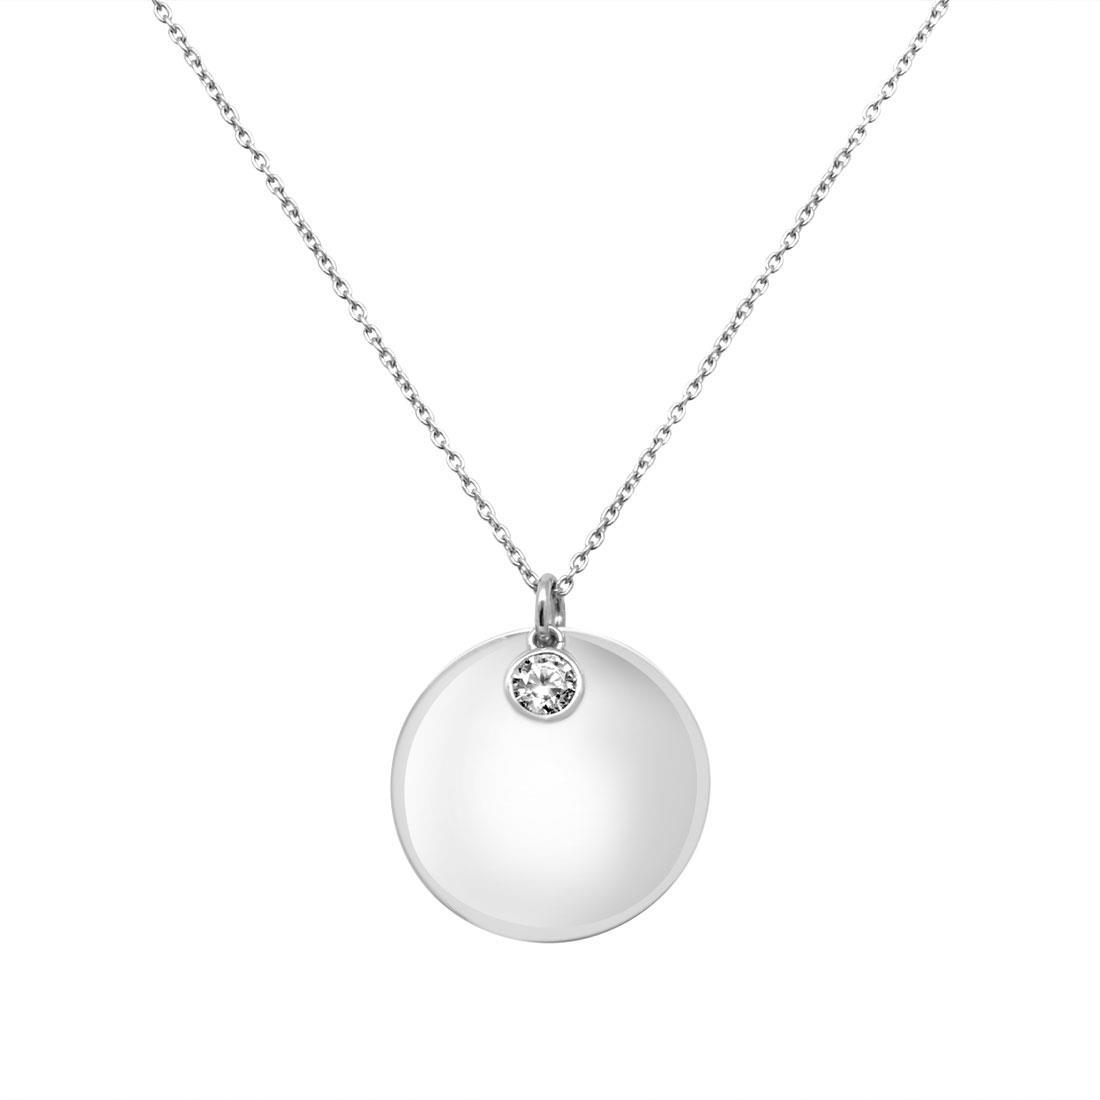 Collana in argento 925 - ORO&CO